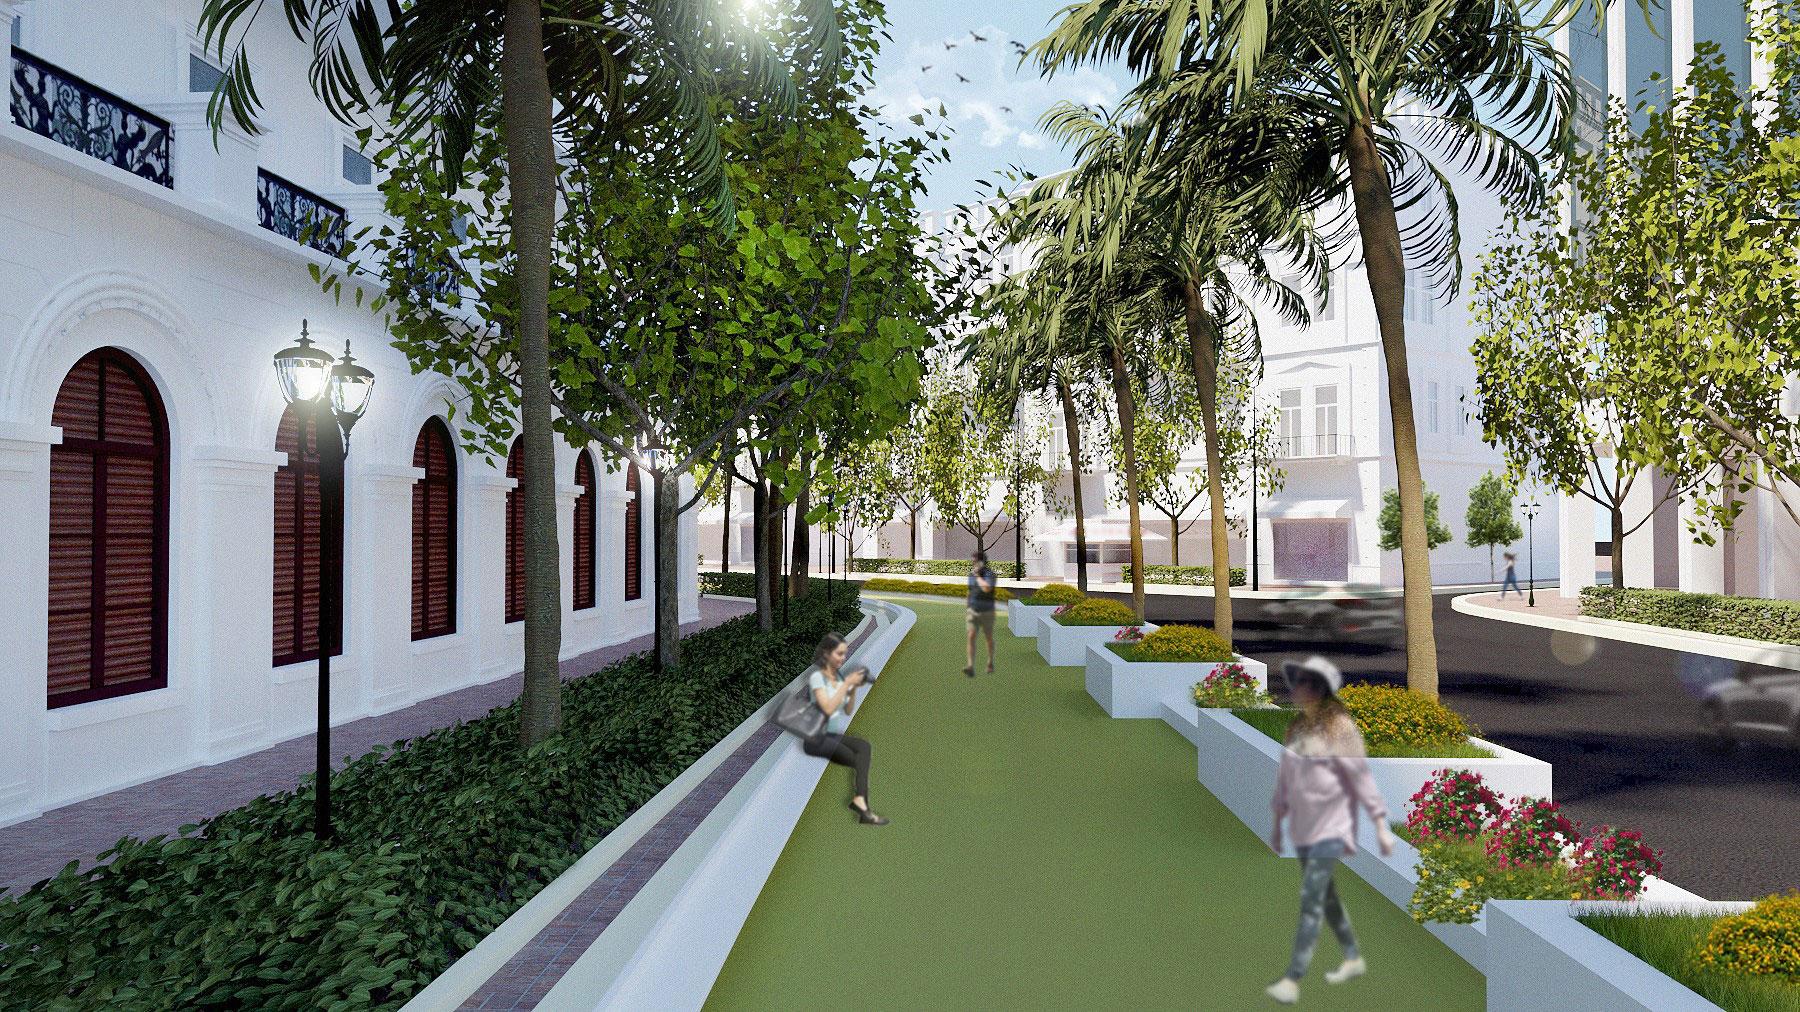 Афіни скоро змінять вигляд: грандіозний план реконструкції грецької столиці